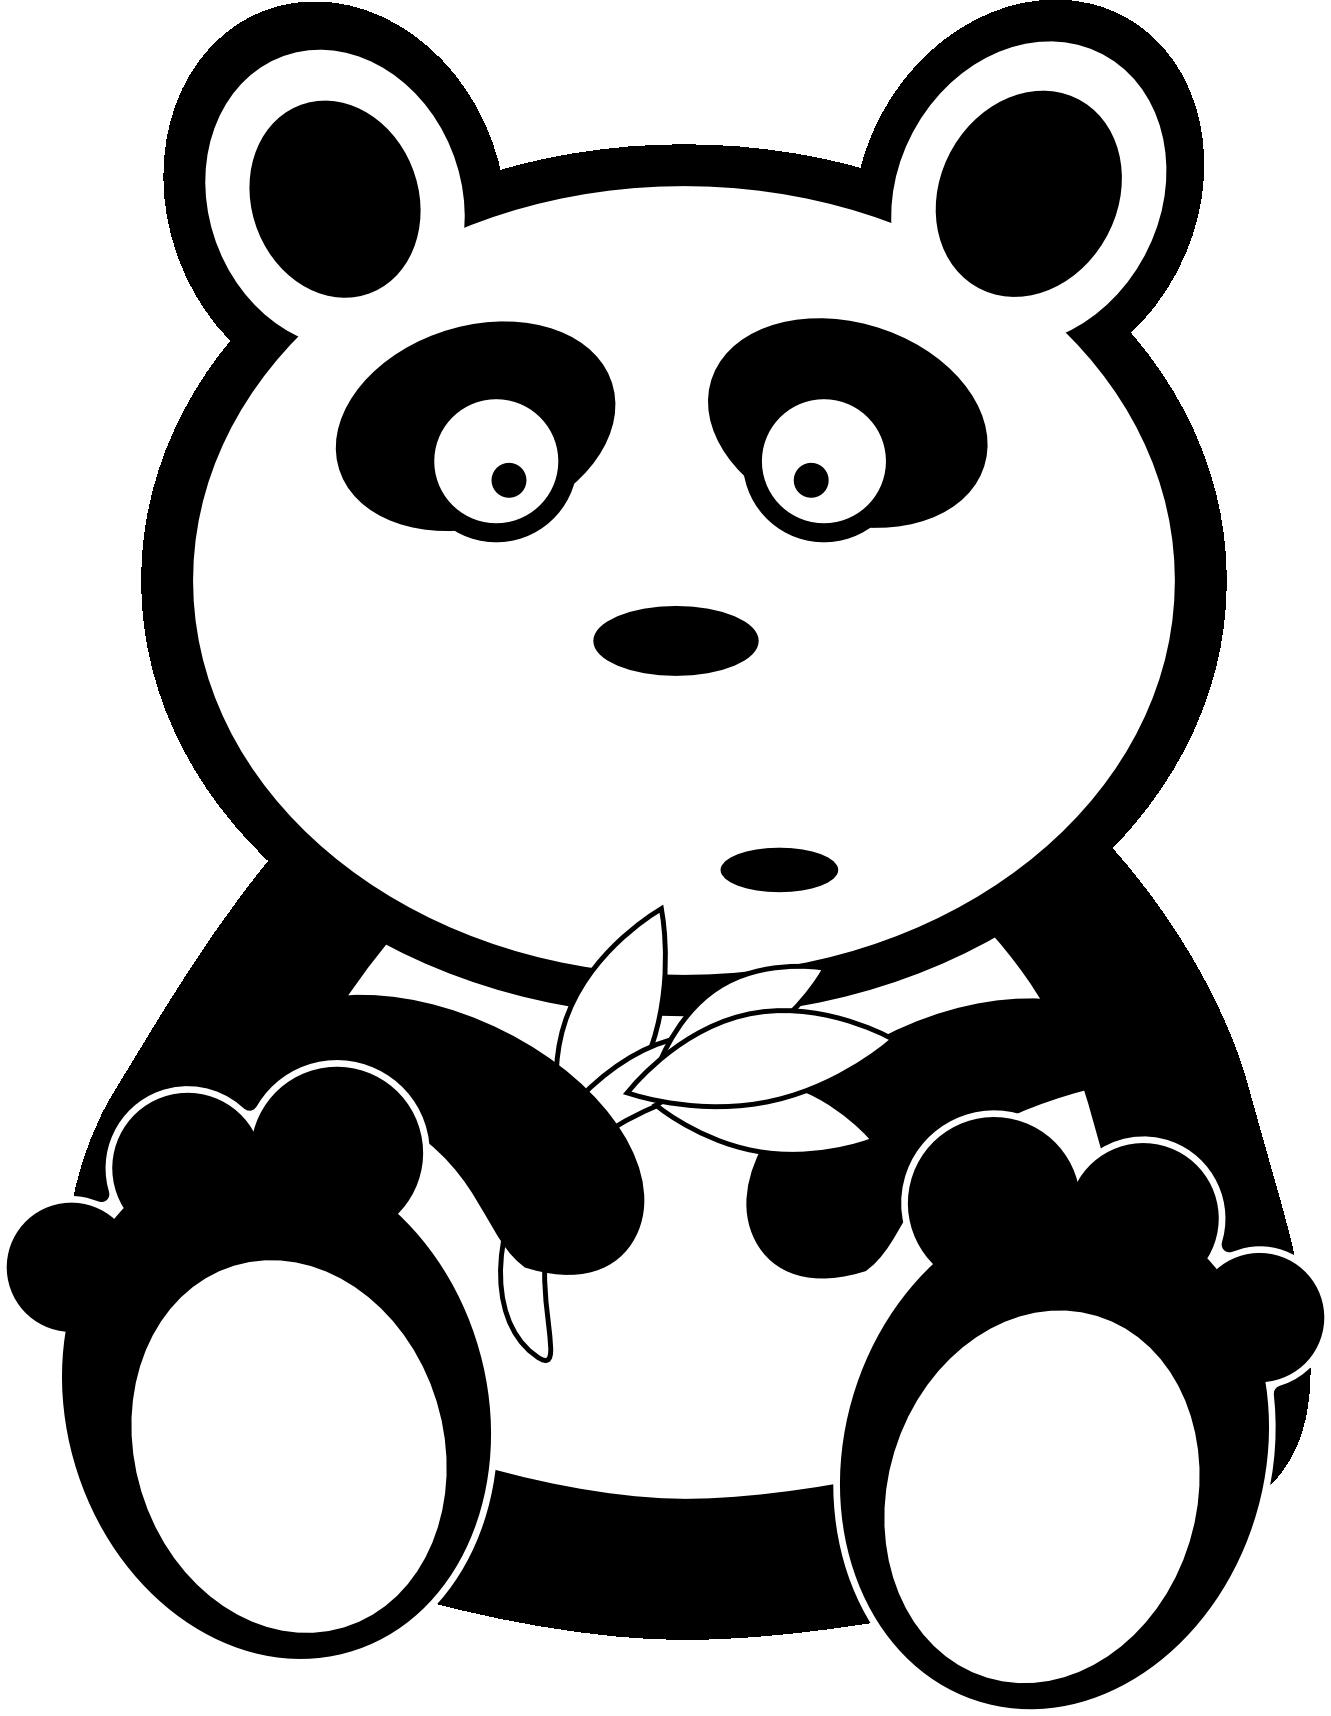 Clipart cow kawaii. Cute panda bear free